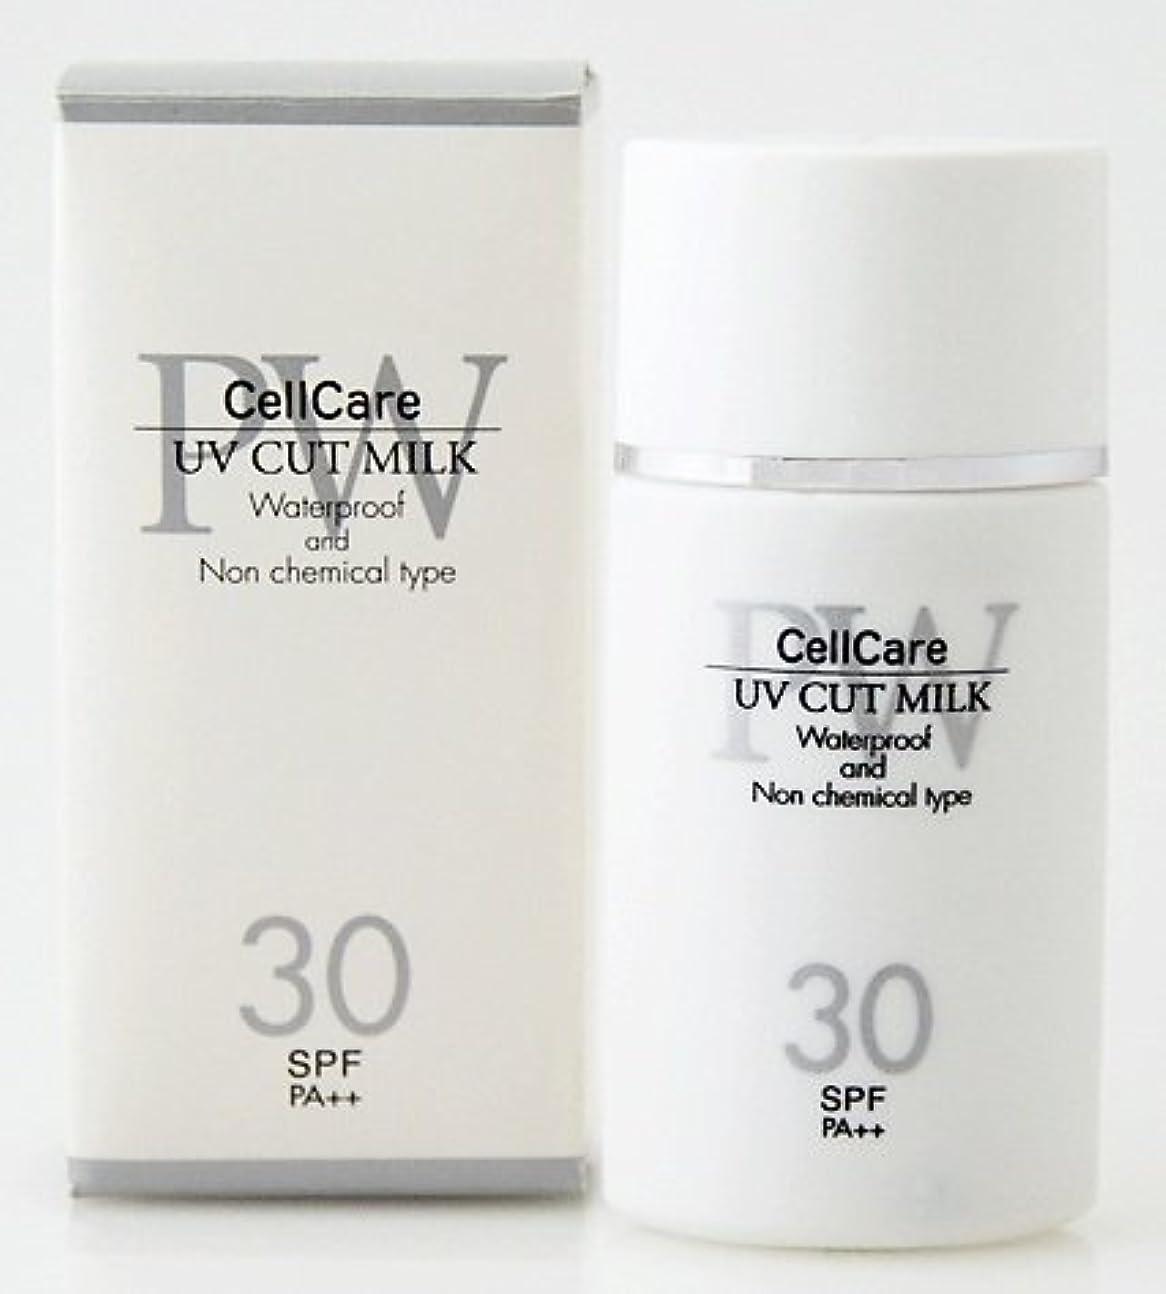 親指サミュエルボールセルケア ピュアホワイト UVカットミルク 30g(日焼け止め乳液) SPF30 PA++ 保湿